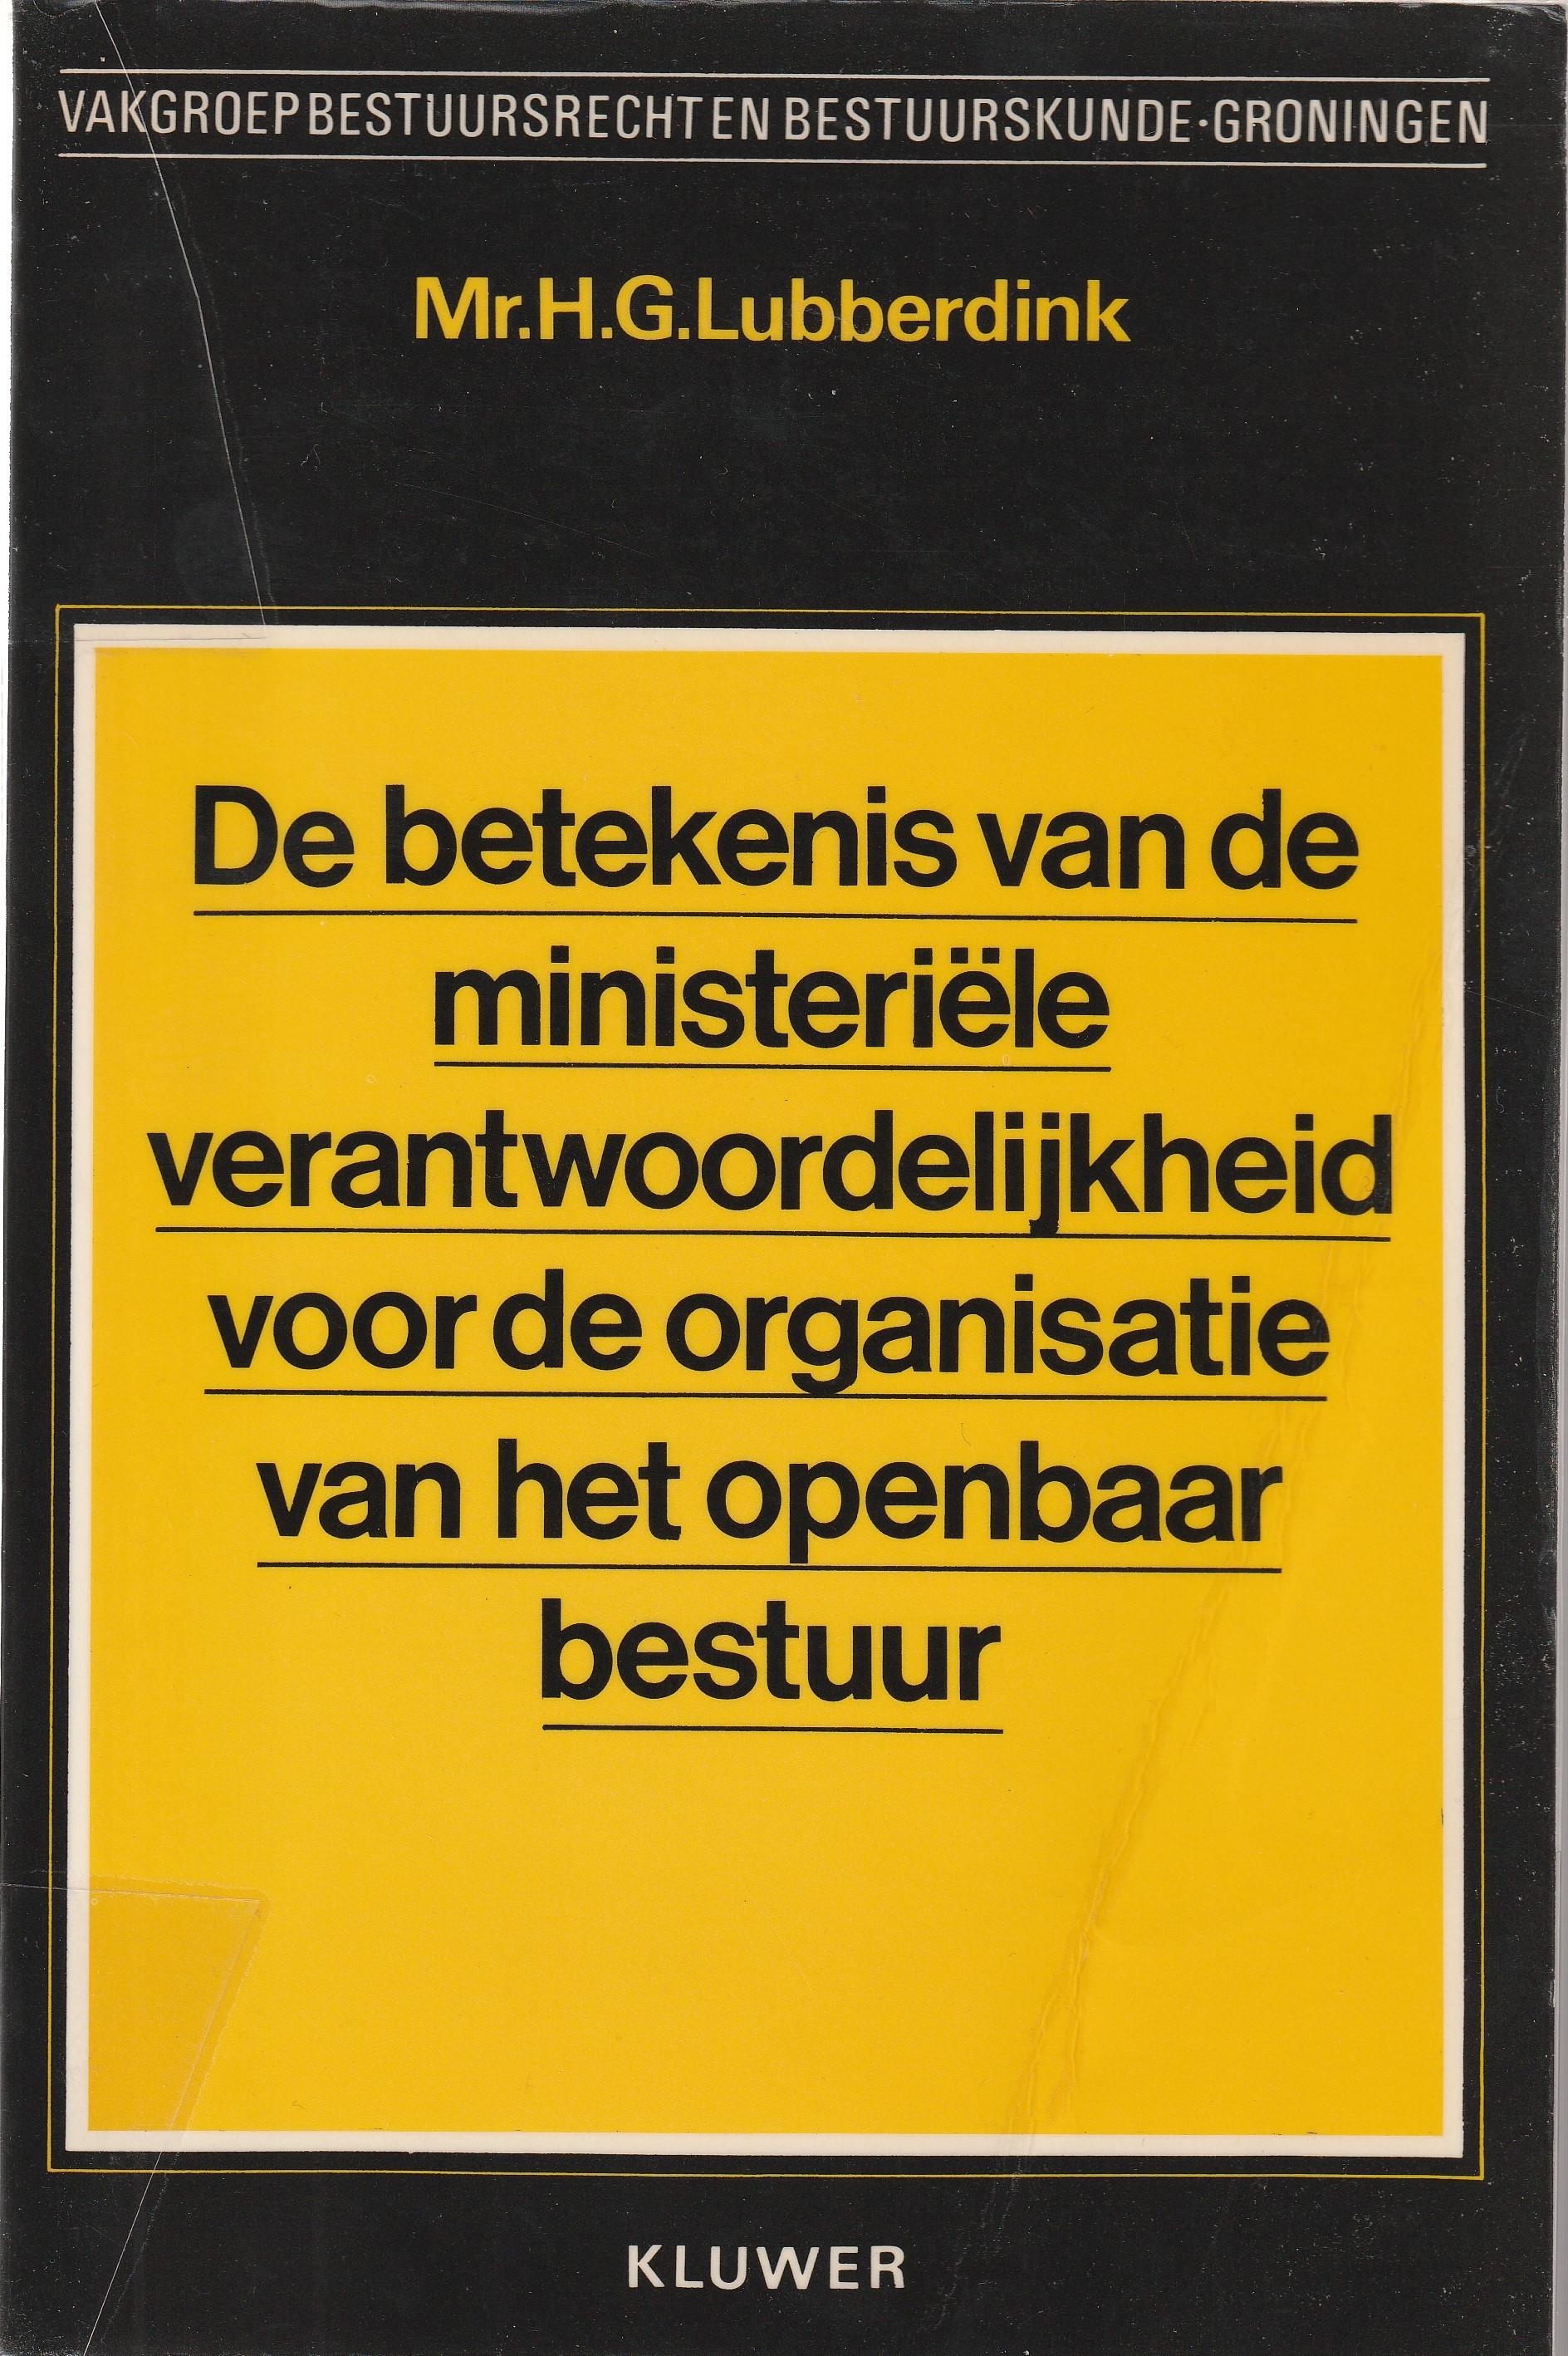 De betekenis v/d ministeriële verantwoordelijkheid v/d organisatie v/h openbaar bestuur. Diss